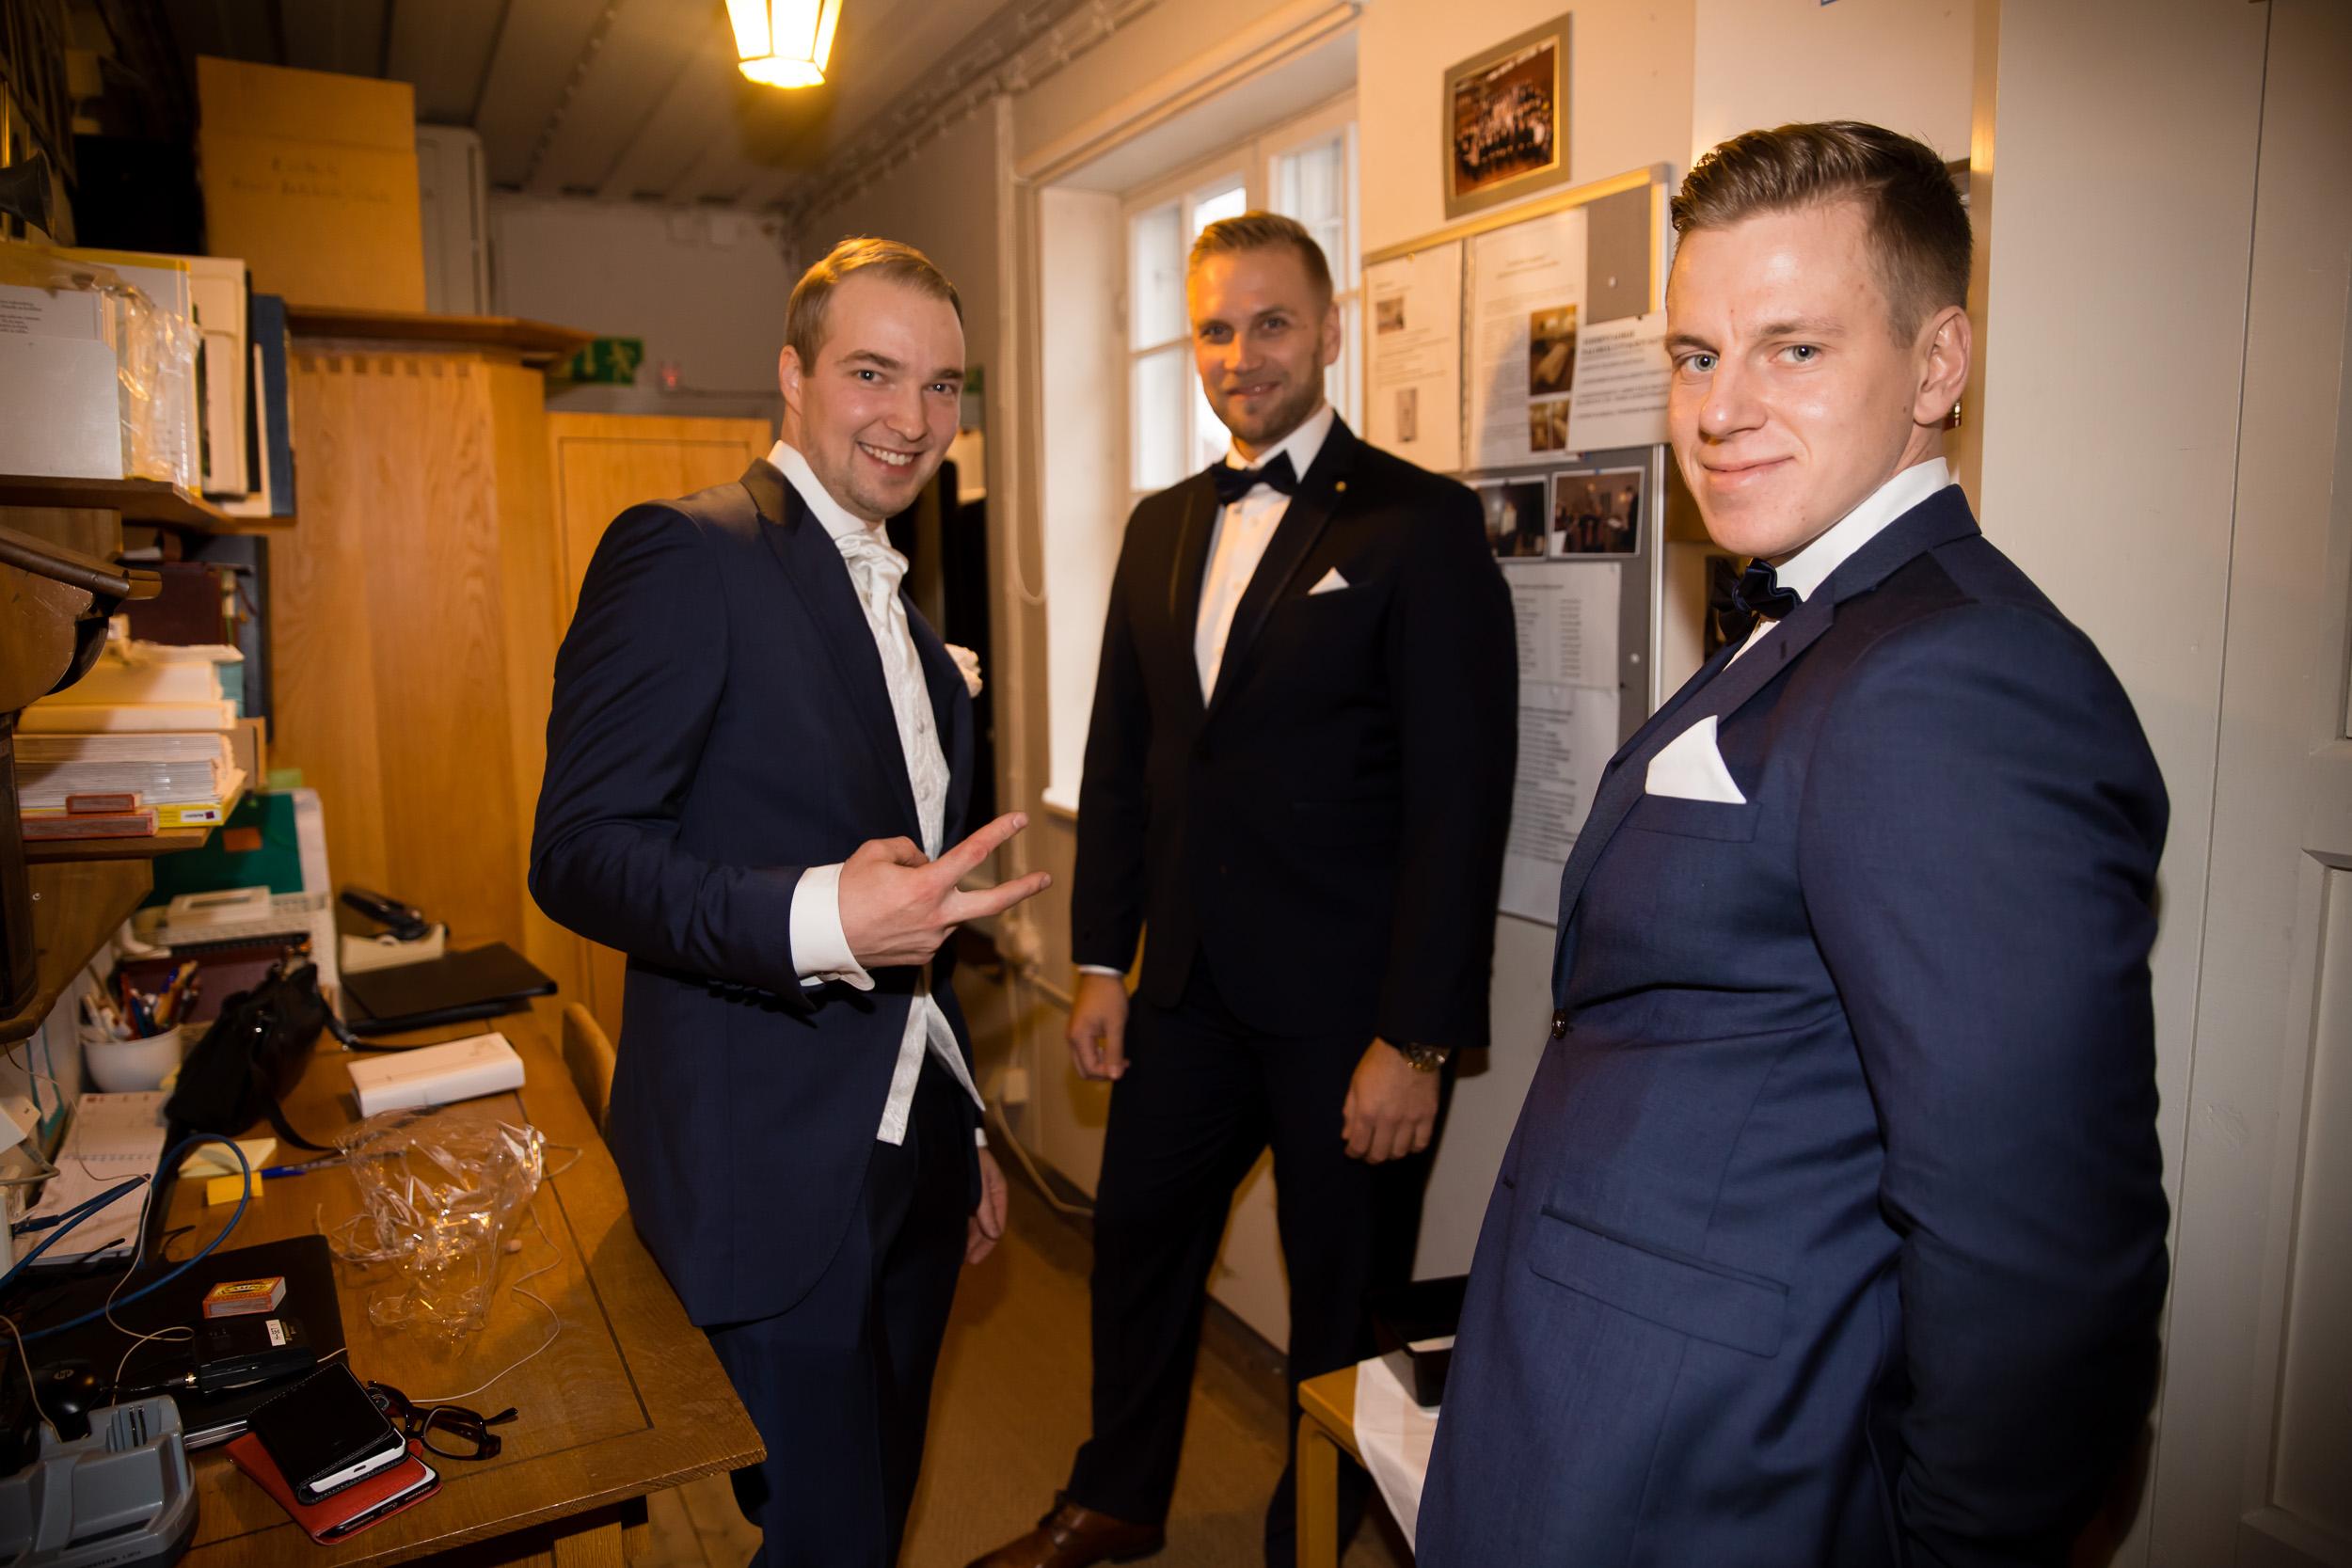 Lauja ja Janne Hääkuvaus 04Nov17 c Alejandro Lorenzo 001.jpg